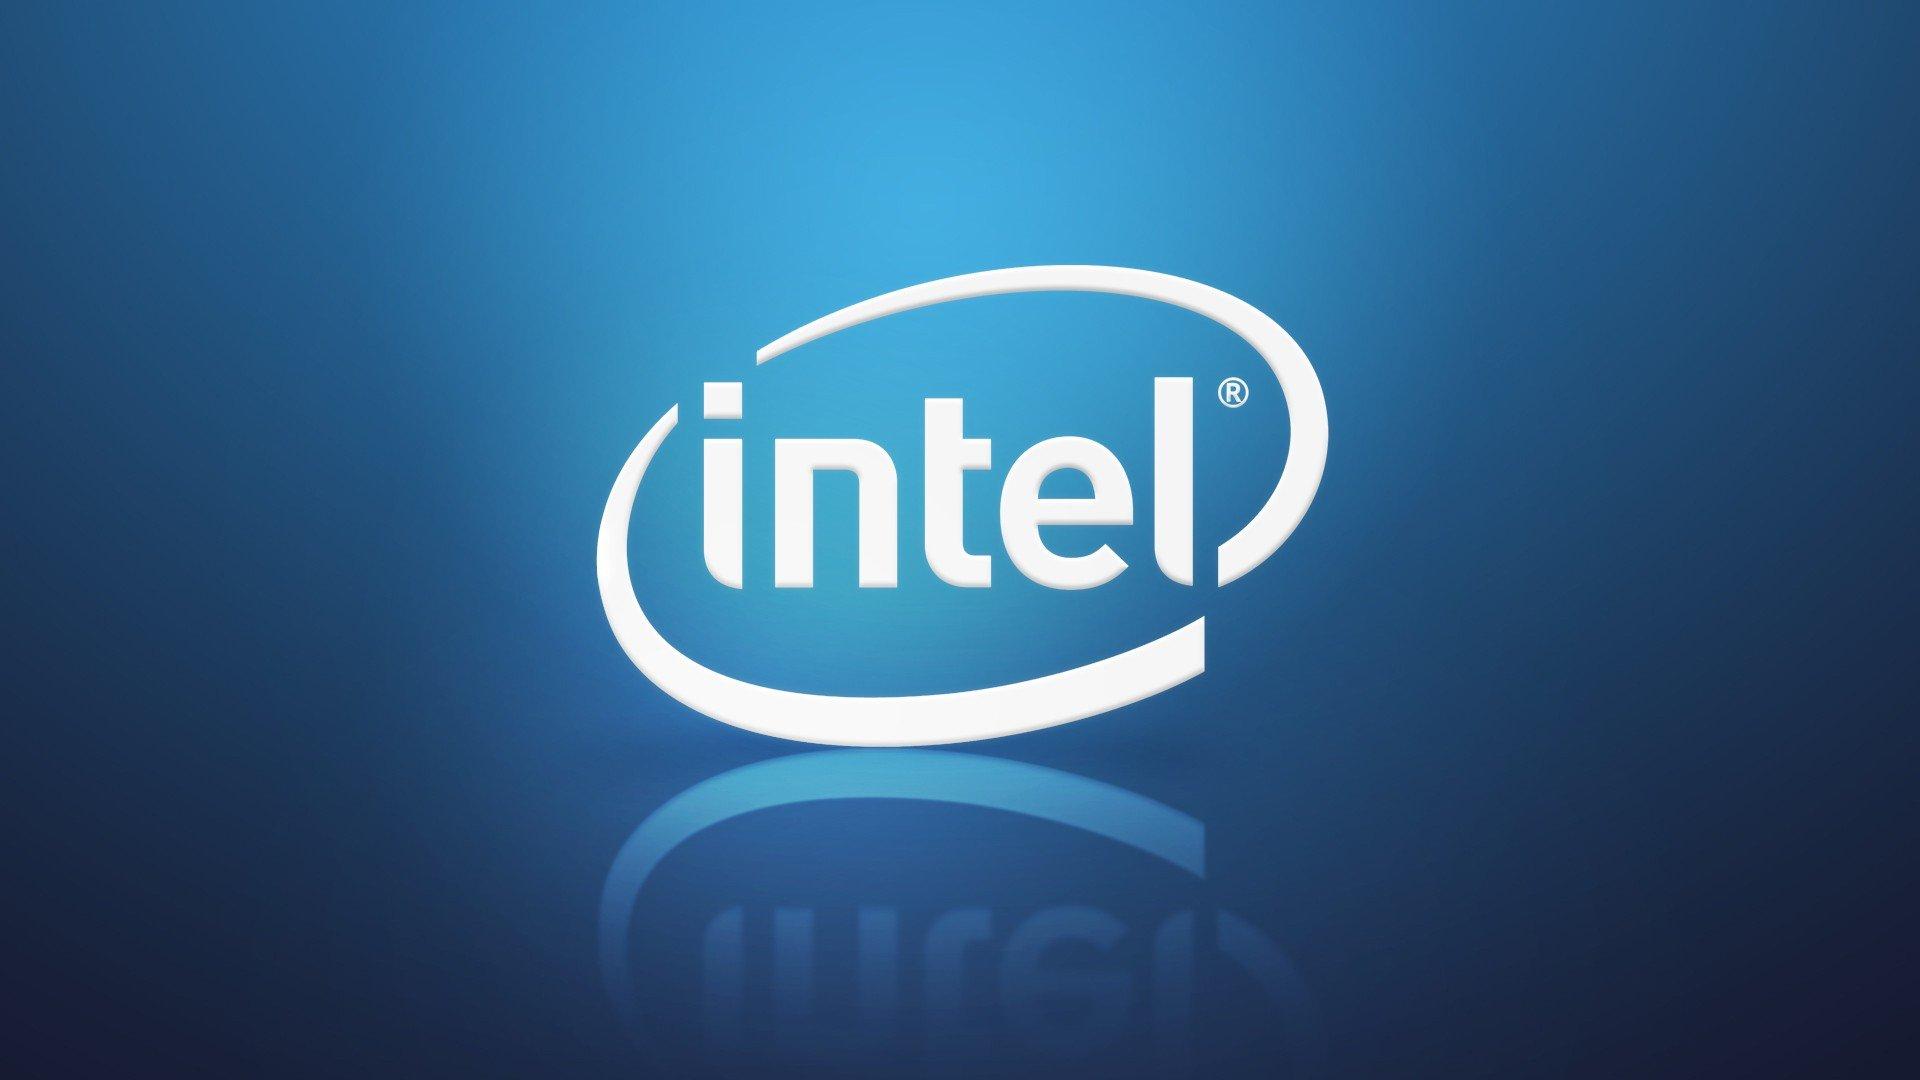 Intel corporation официальный сайт компании транспортная компания тюмень сайт